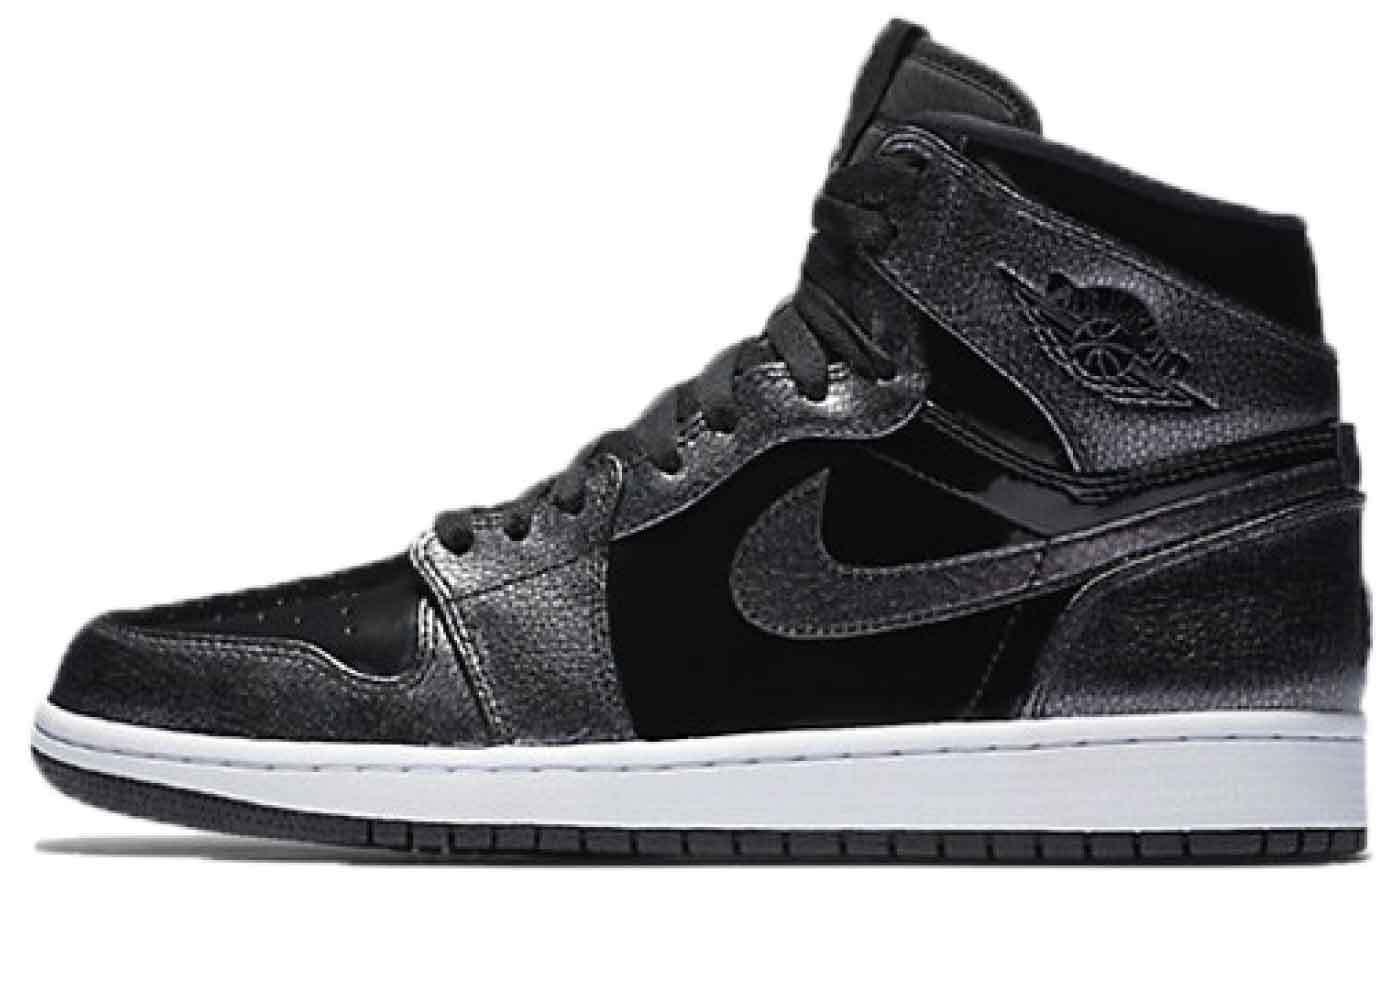 Nike Air Jordan 1 Retro Black Patentの写真